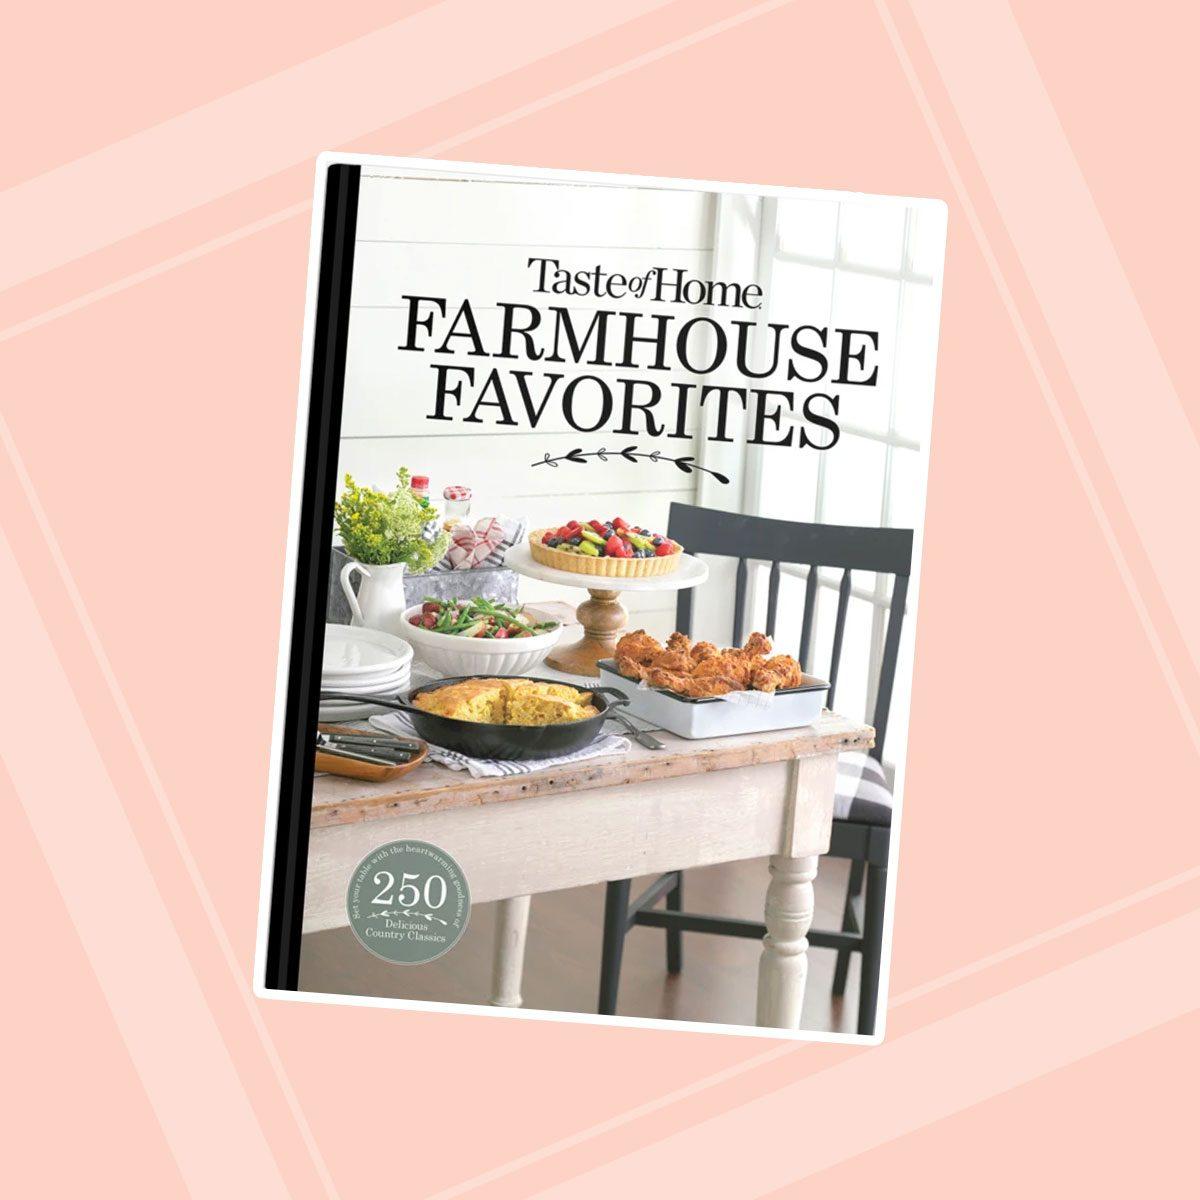 Farmhouse Favorites